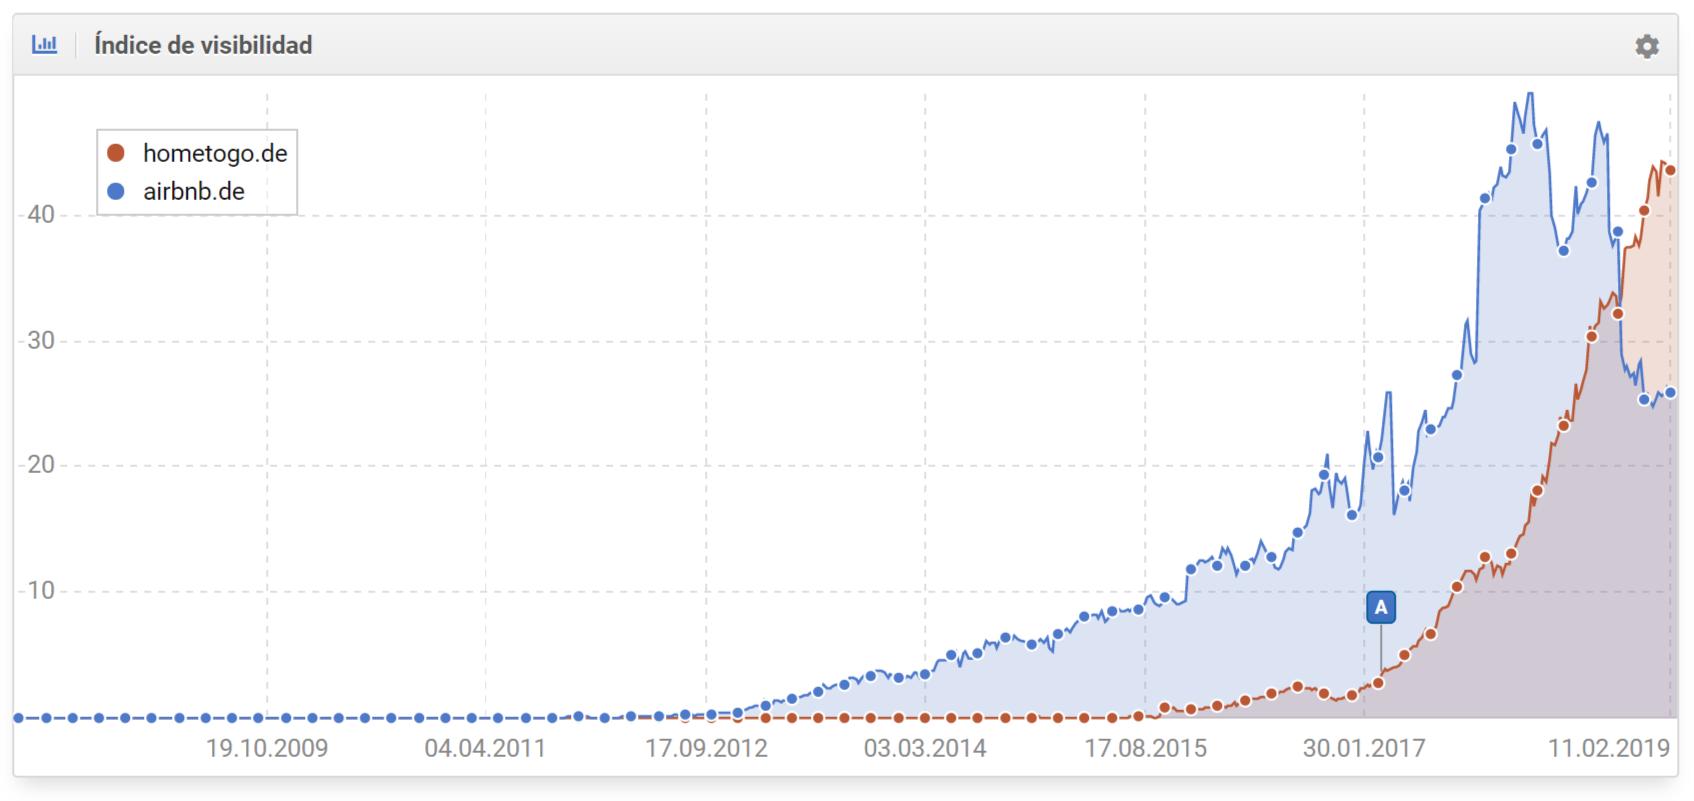 comparativa del índice de visibilidad de hometogo.de y airbnb.de